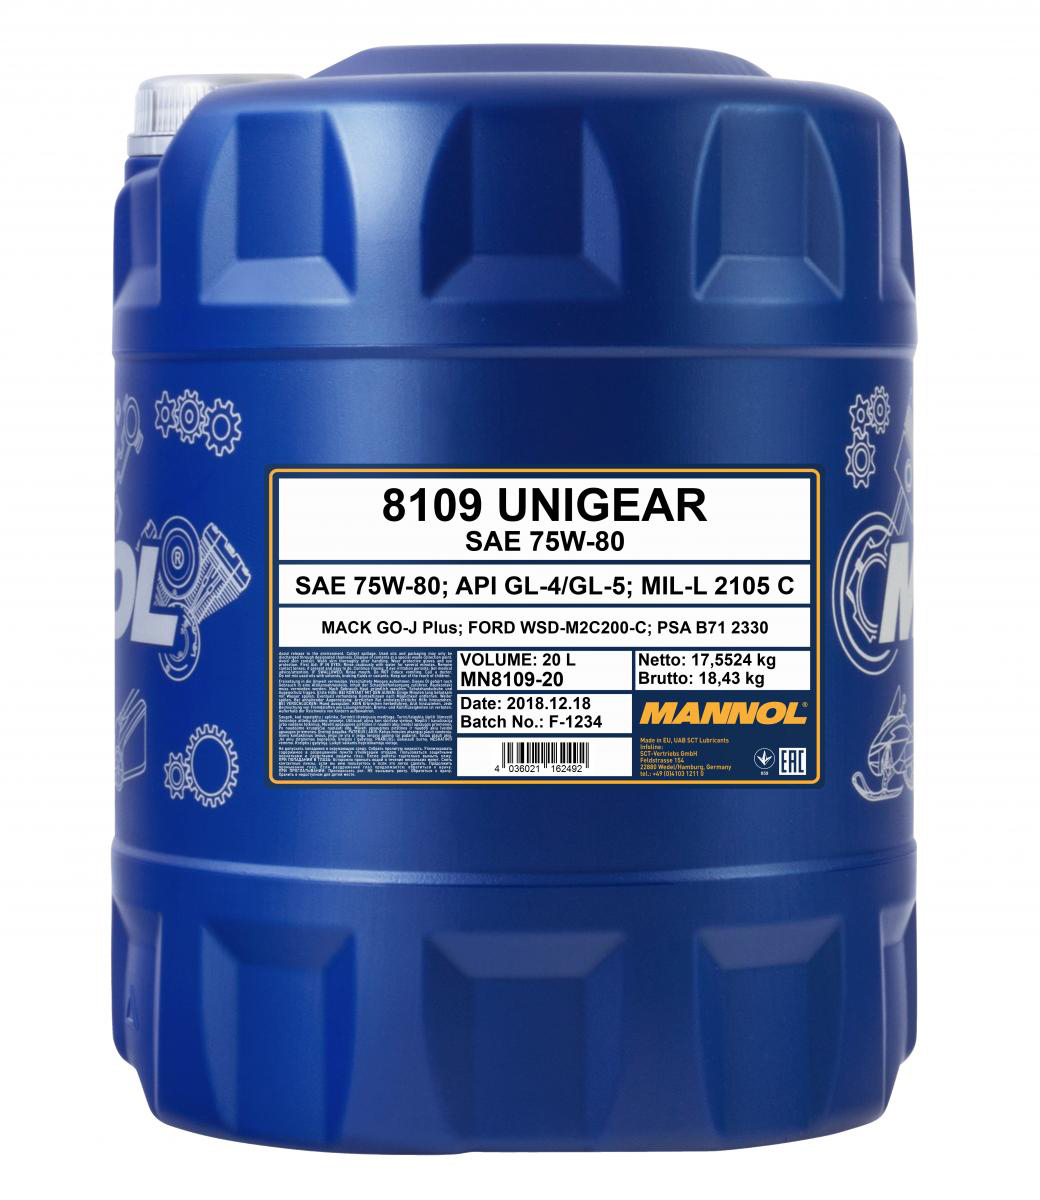 Unigear 75W-80